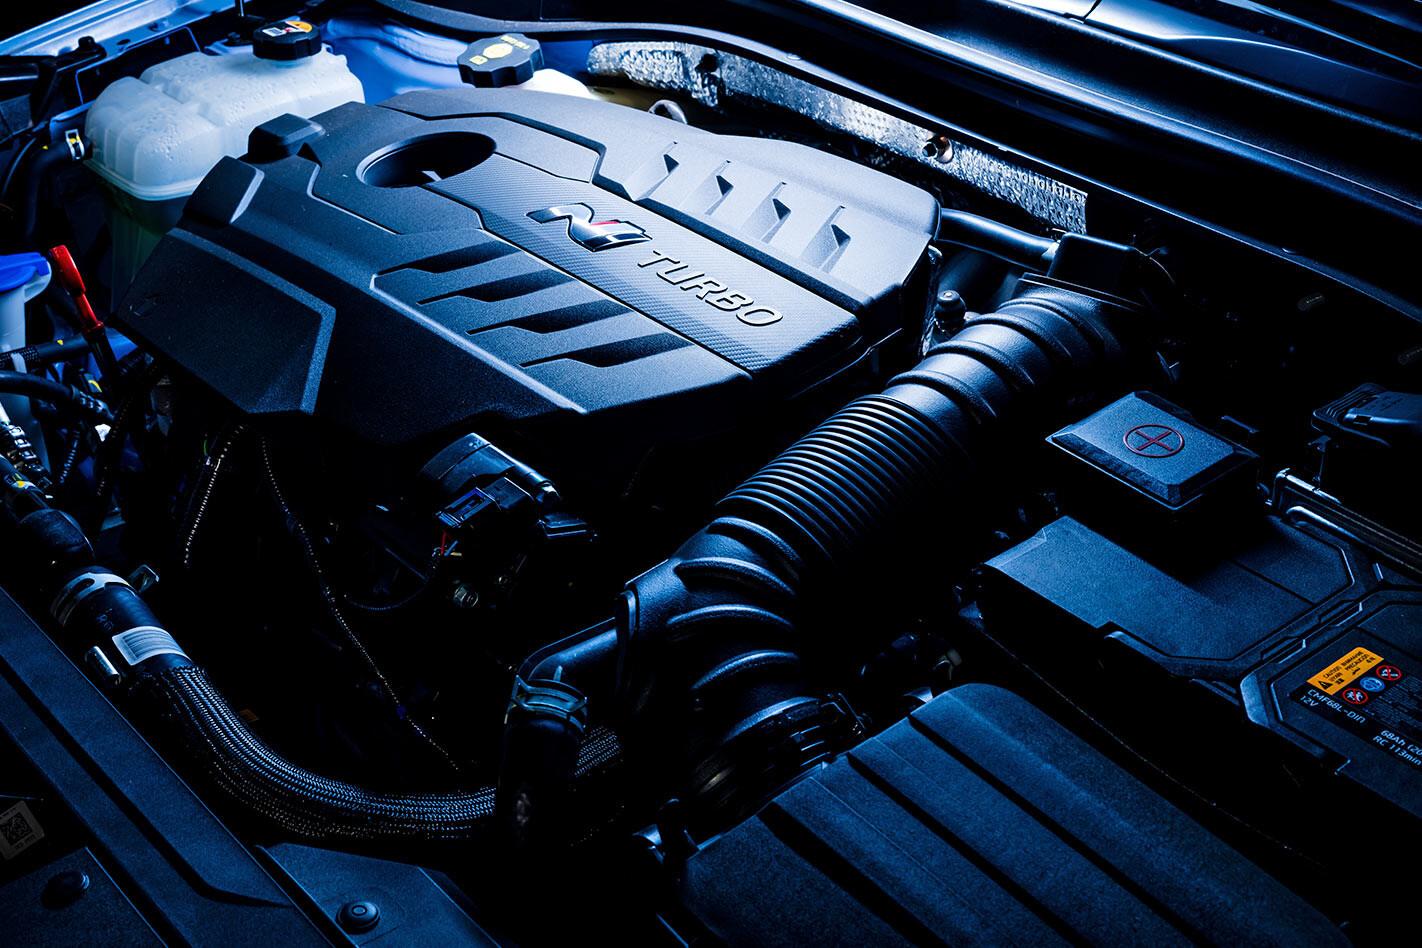 Hyundai i30 n engine bay